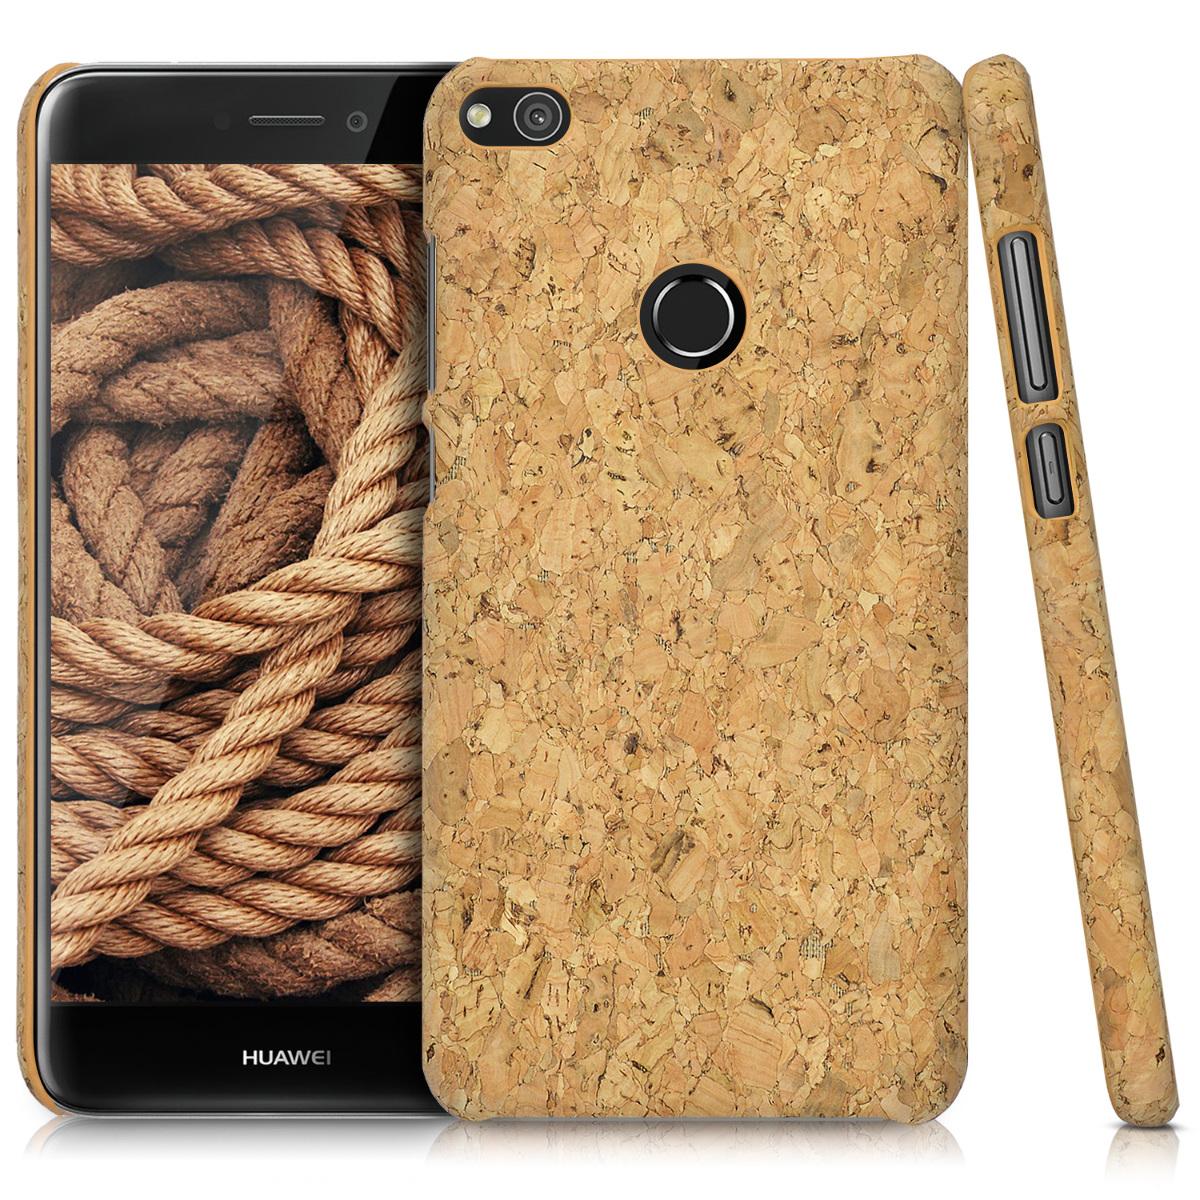 carcasa huawei p8 lite 2017 madera